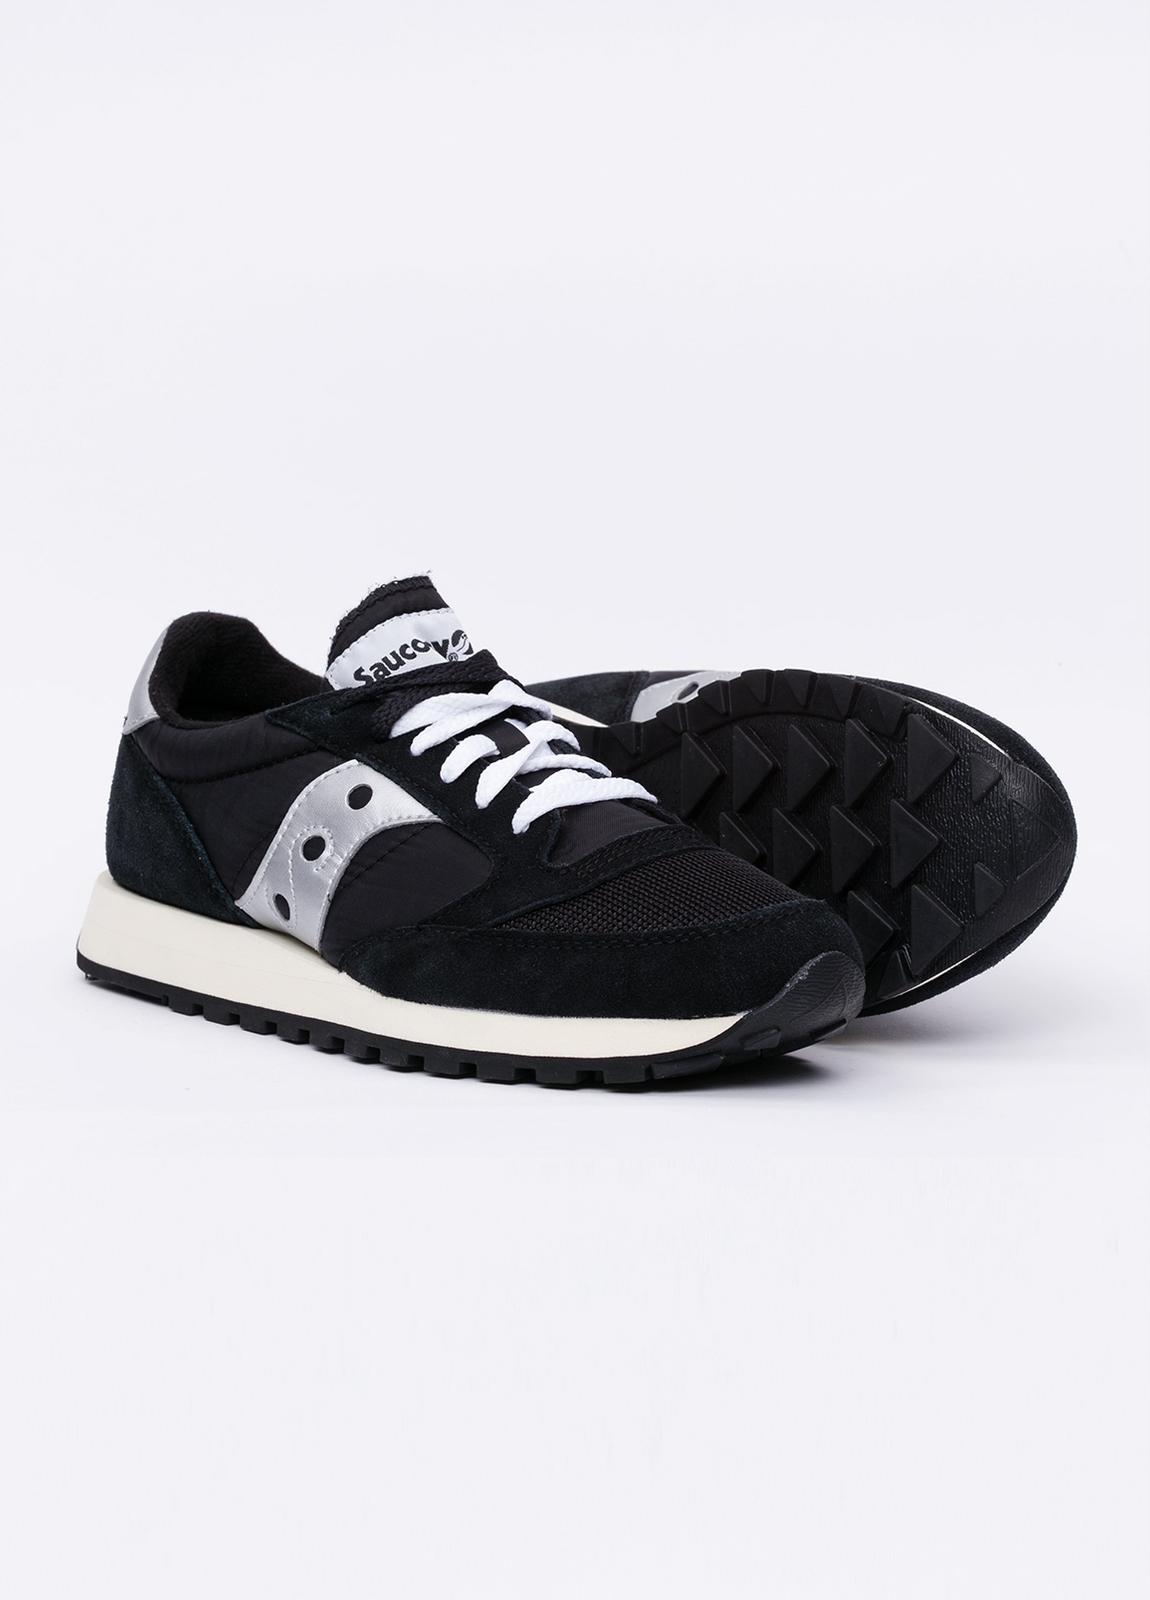 Calzado sport JAZZ OR VINT color negro con detalles blancos, combinación de serraje y tejido técnico. - Ítem1